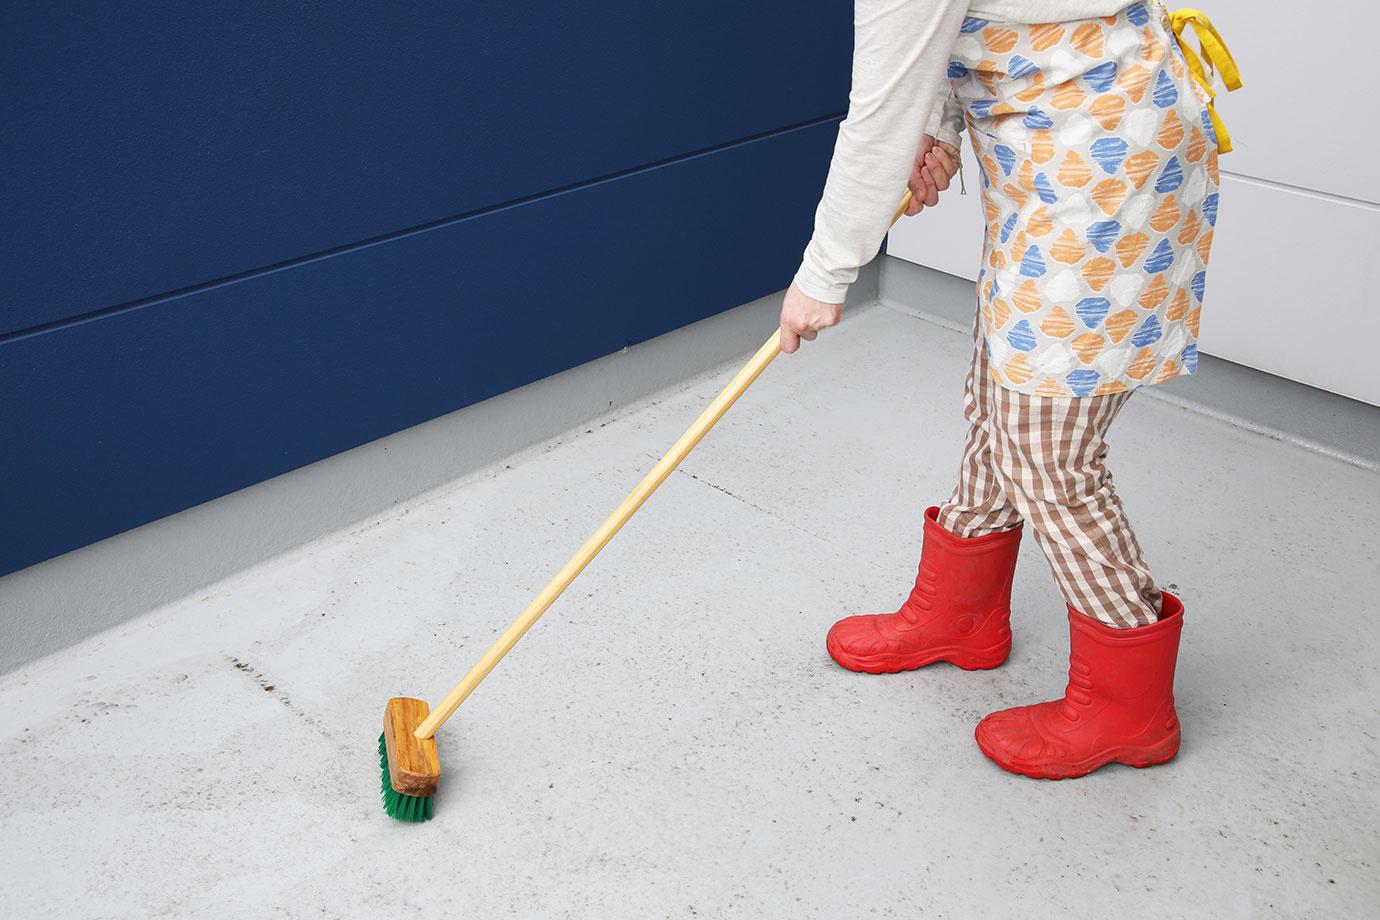 ベランダ・バルコニーをきれいに掃除して狭いワンルームの憩いのスペースに!掃除の手順と活用アイデア